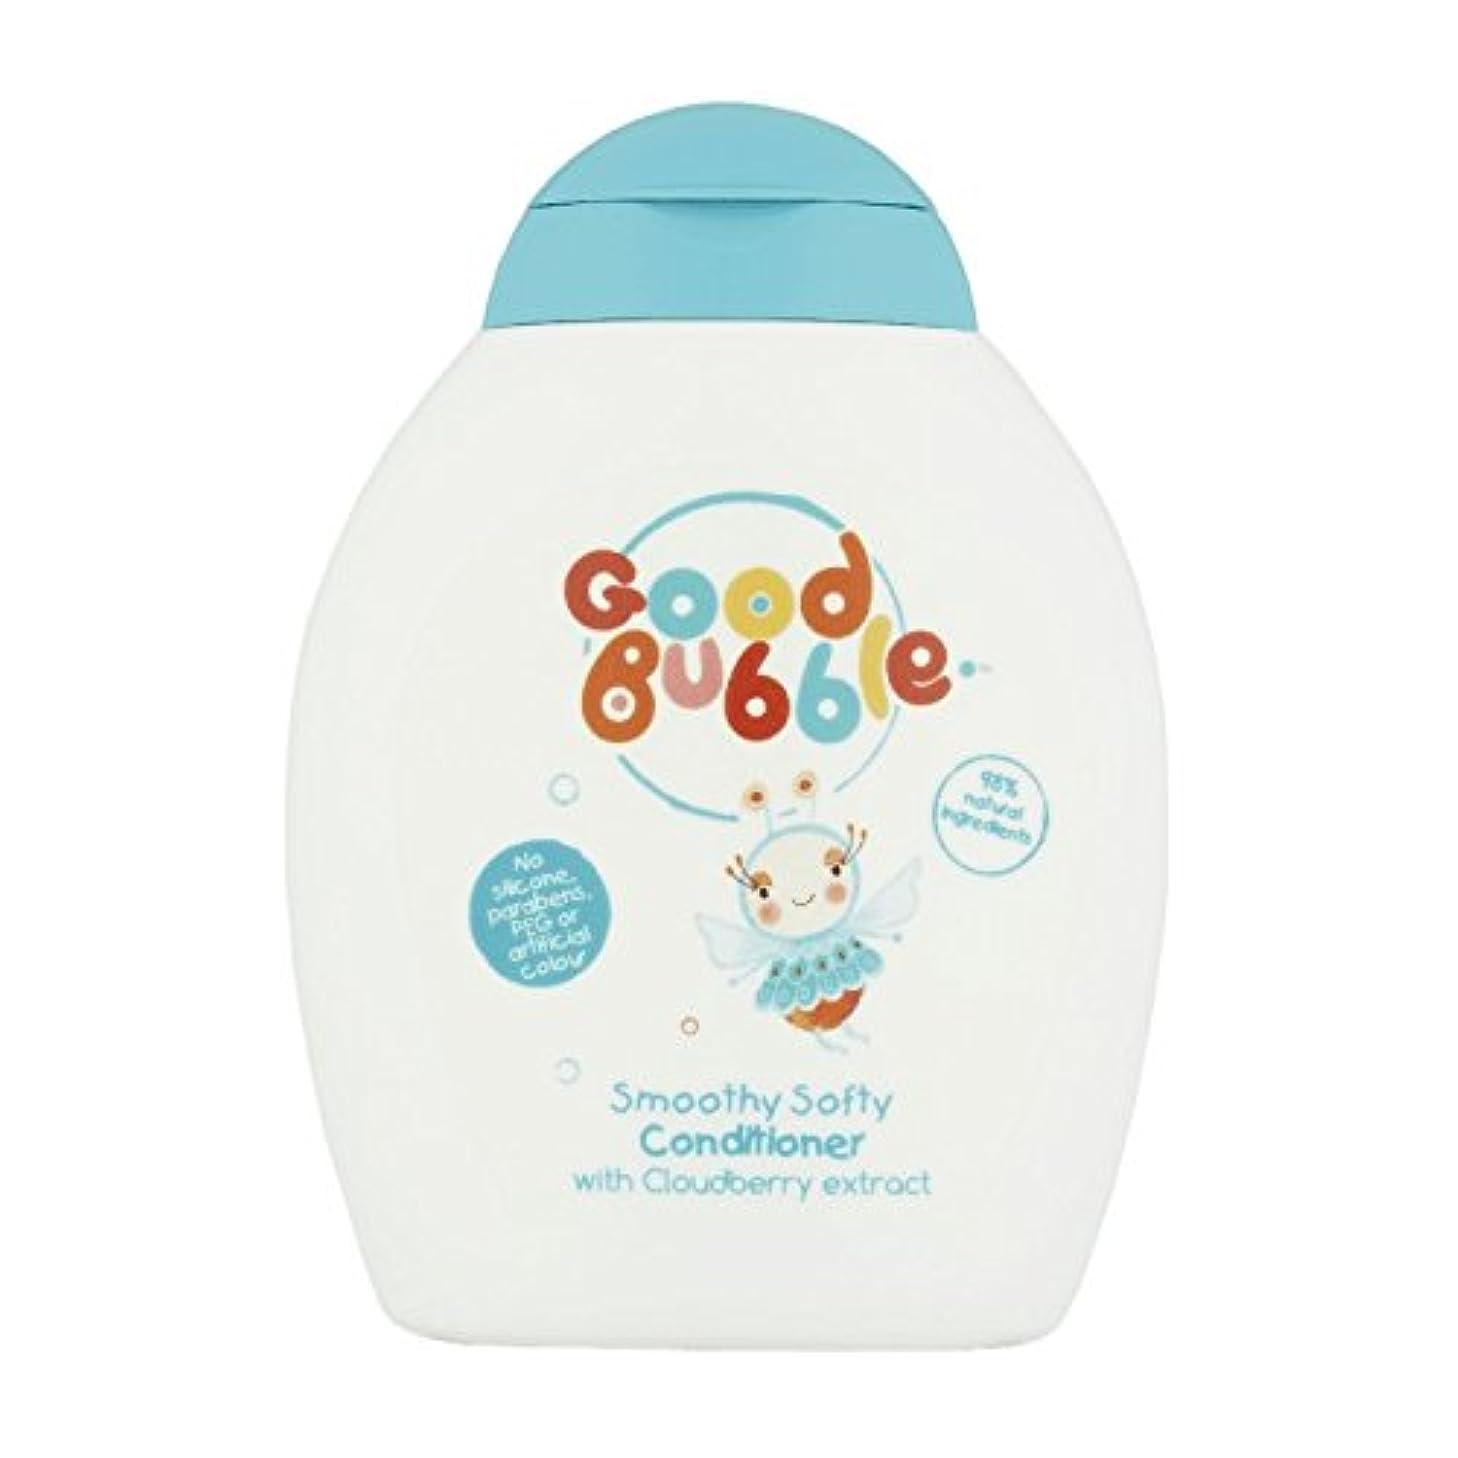 葡萄家細部良いバブルクラウドベリーコンディショナー250ミリリットル - Good Bubble Cloudberry Conditioner 250ml (Good Bubble) [並行輸入品]